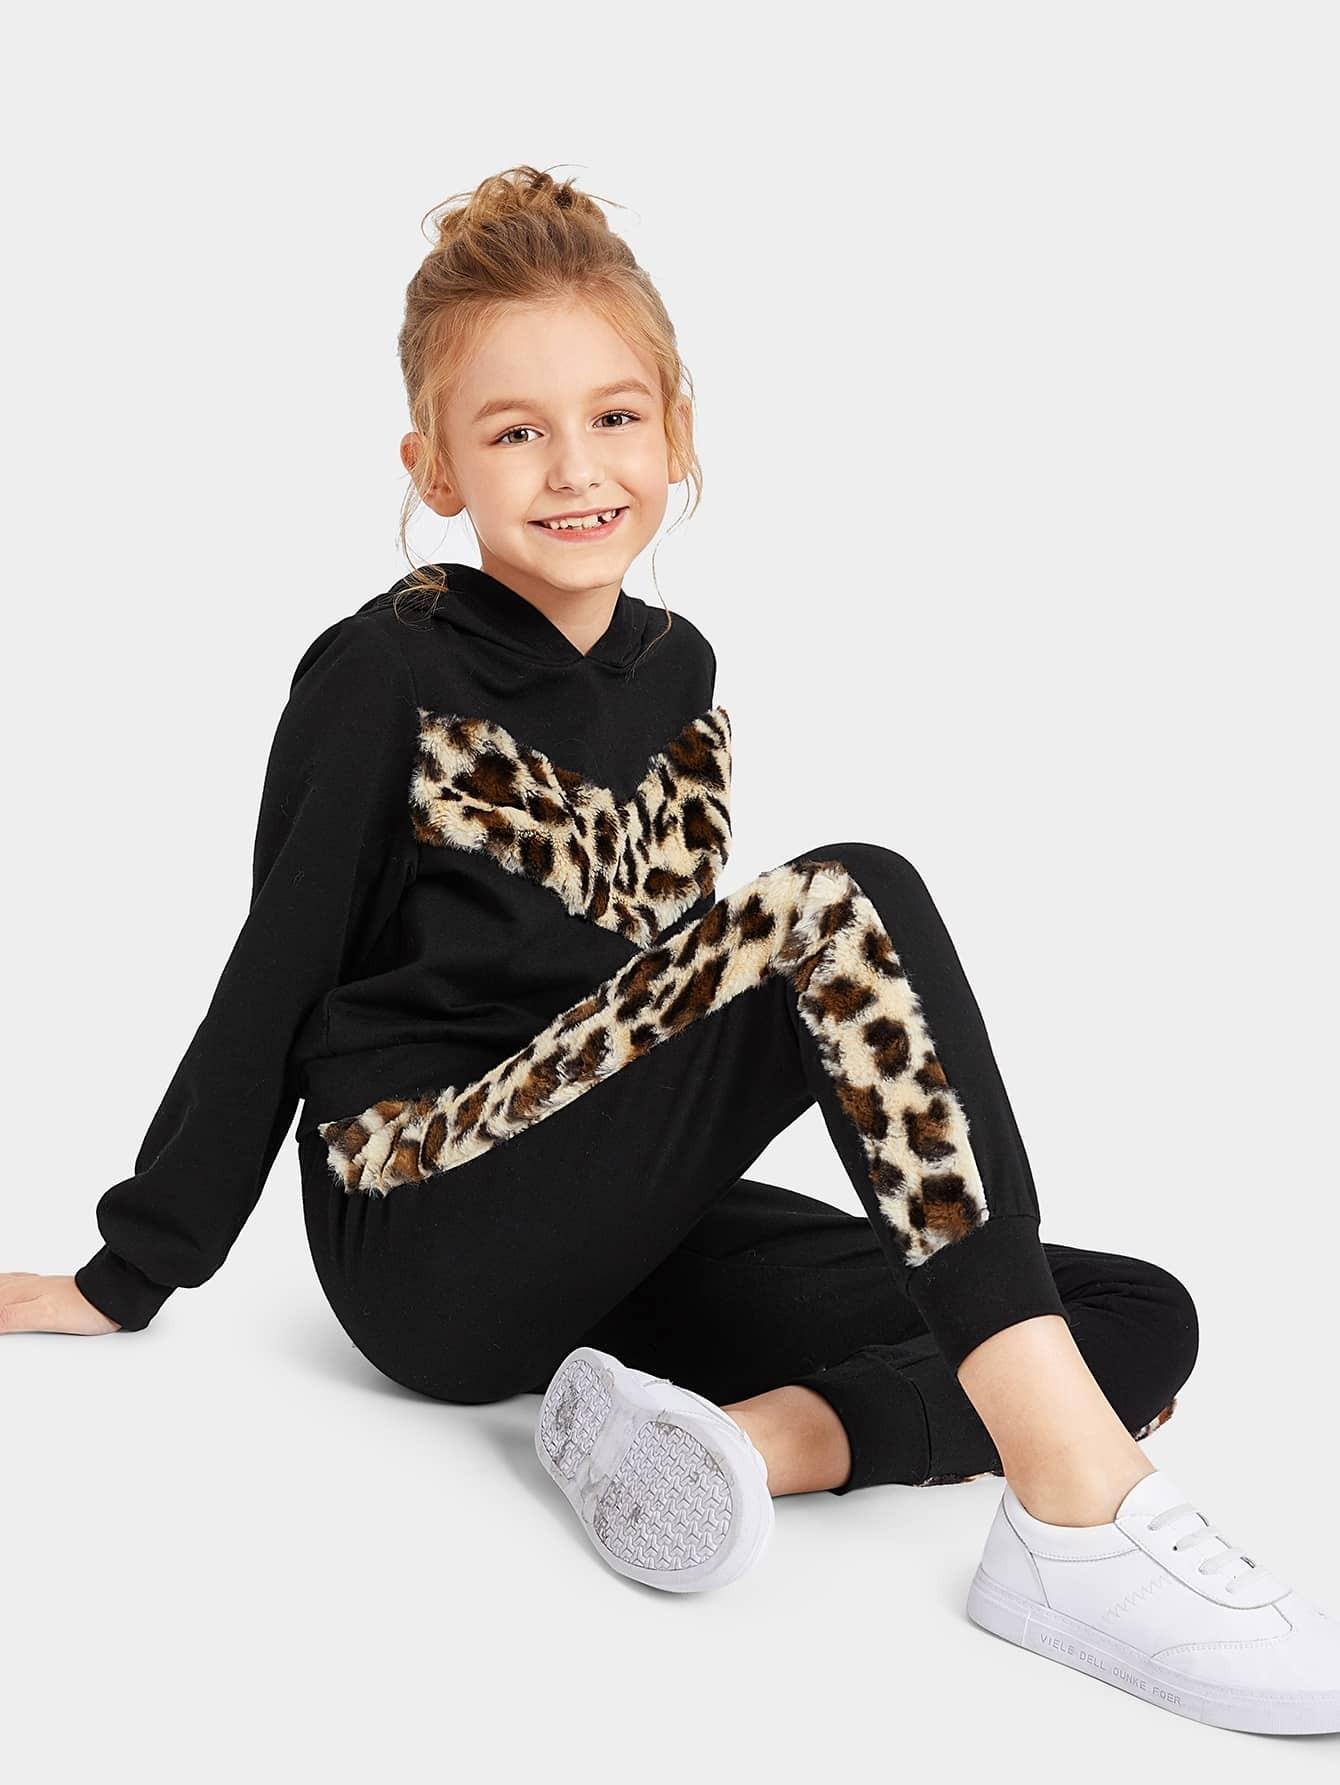 Купить Женская толстовка с леопардовым искусственым мехам и спортивные брюки комплект, Sashab, SheIn